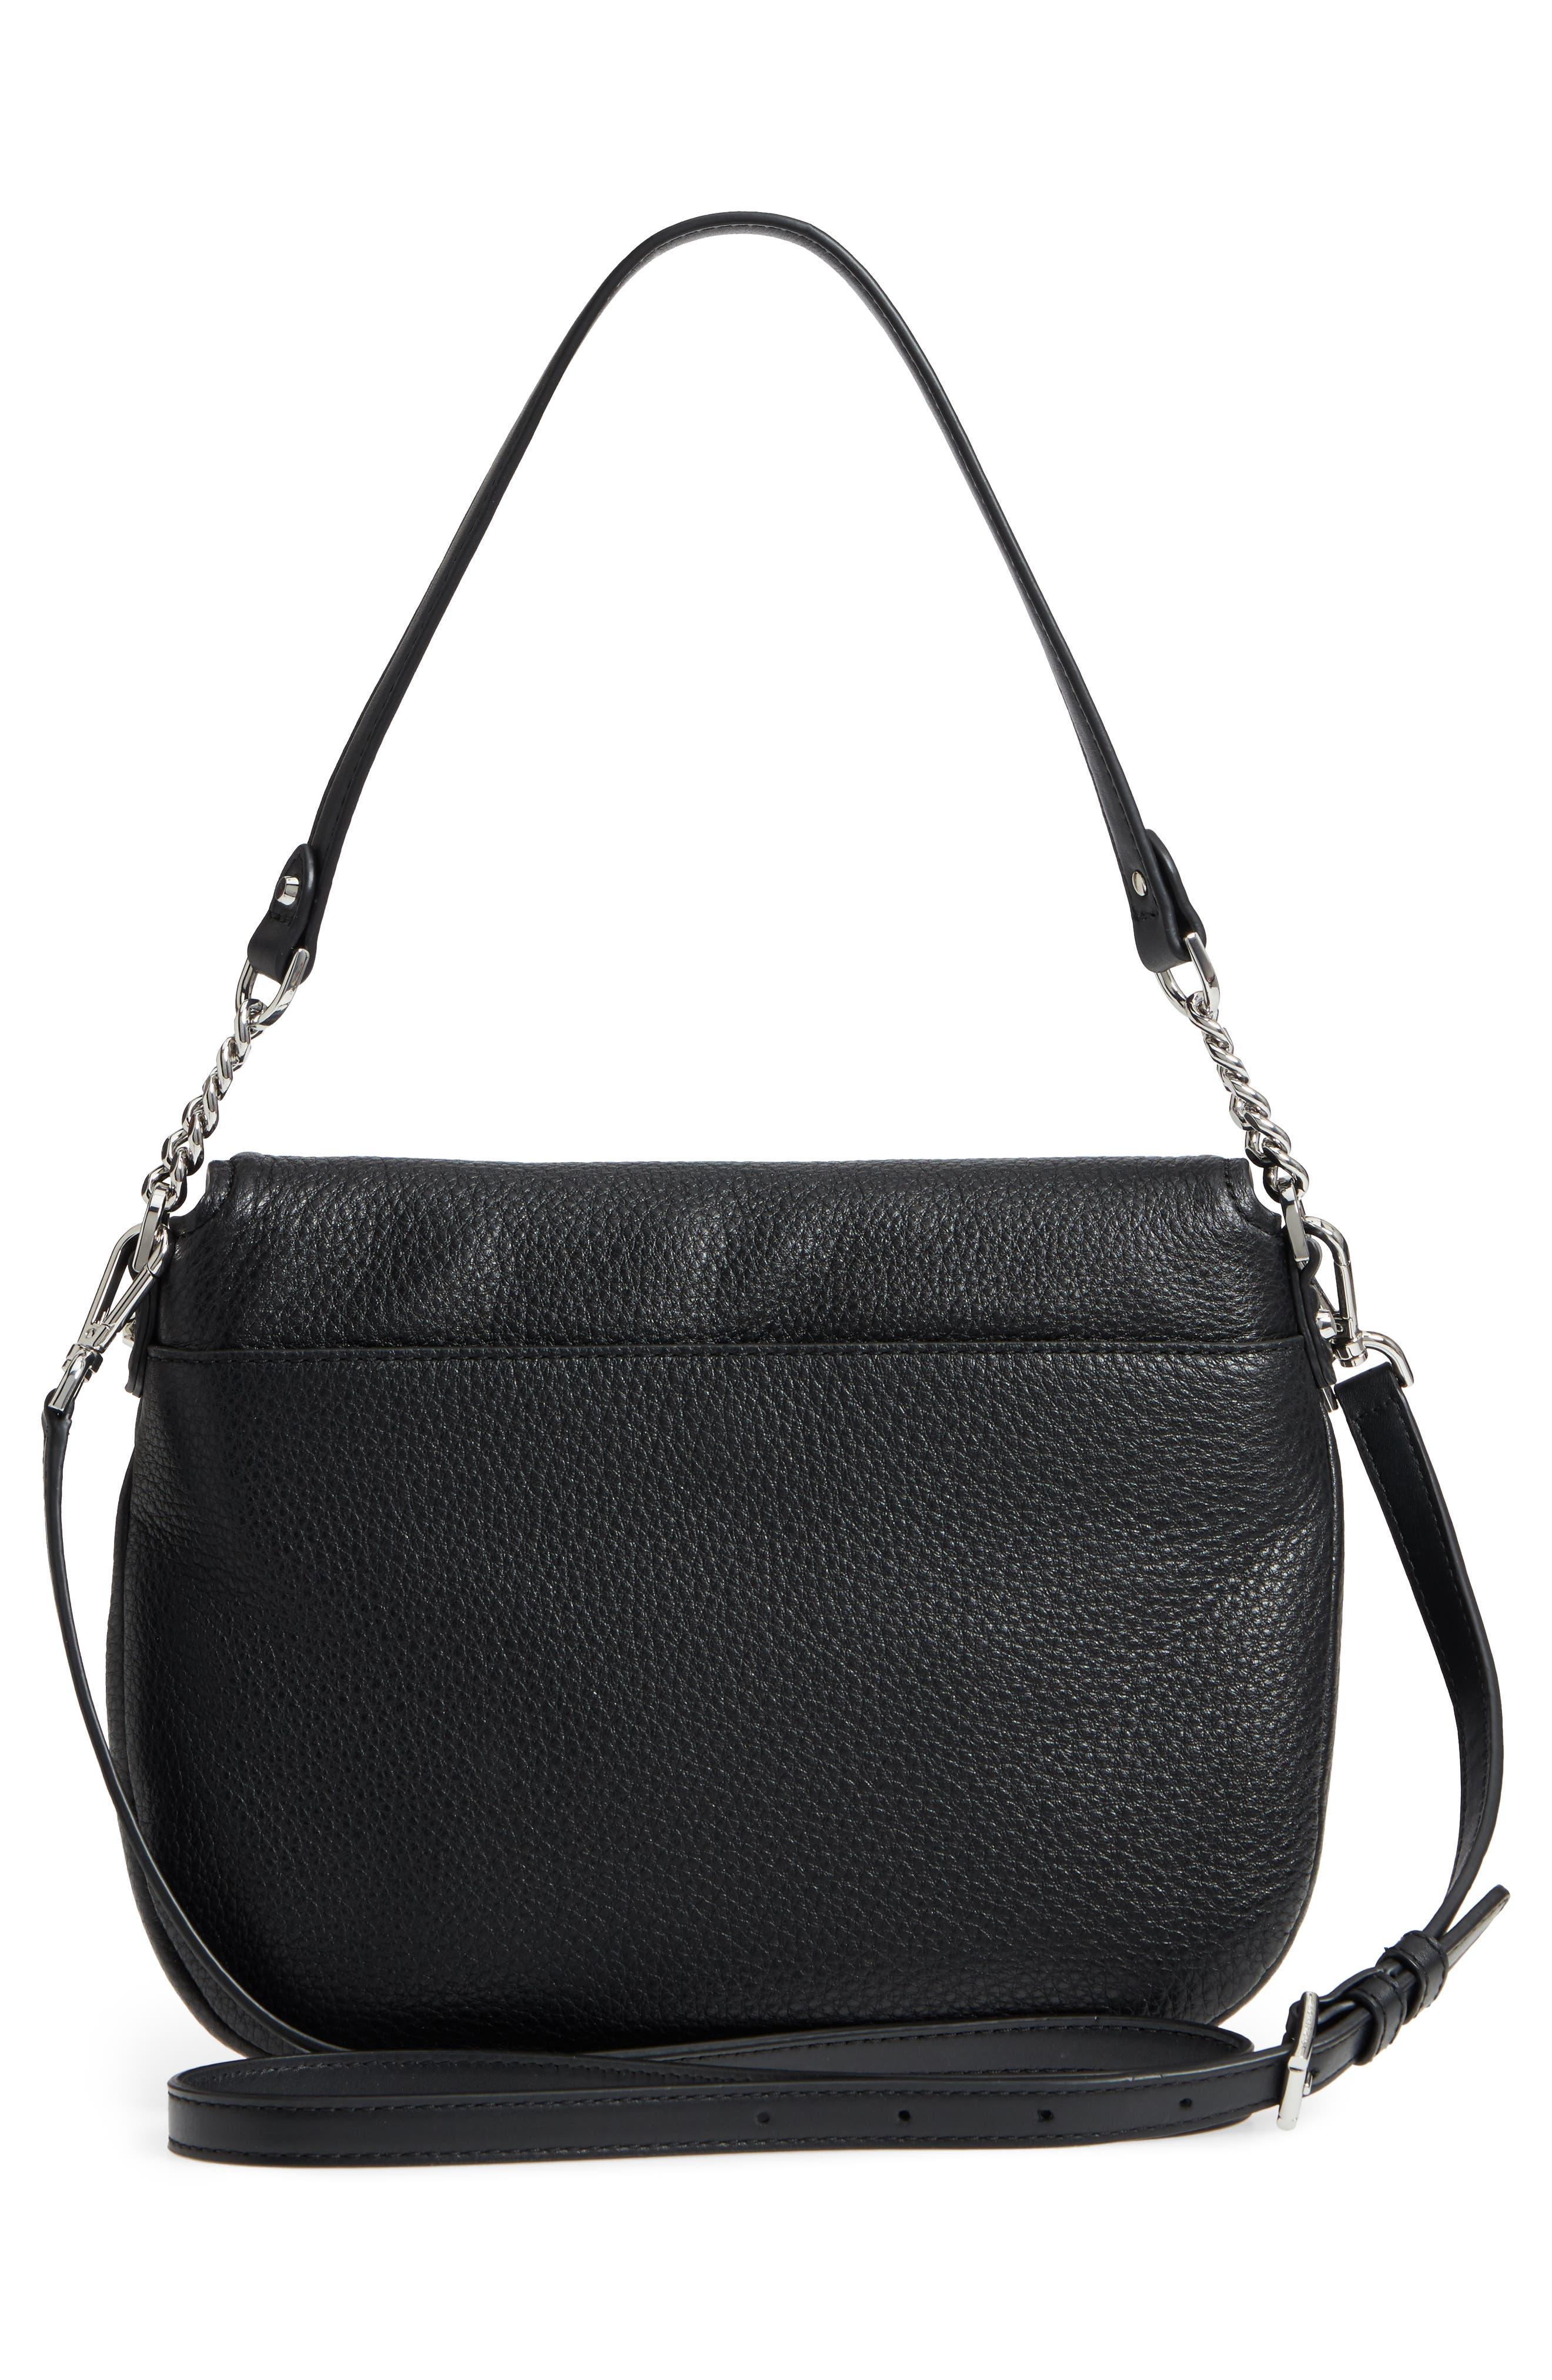 Medium Leather Shoulder Bag,                             Alternate thumbnail 3, color,                             Black